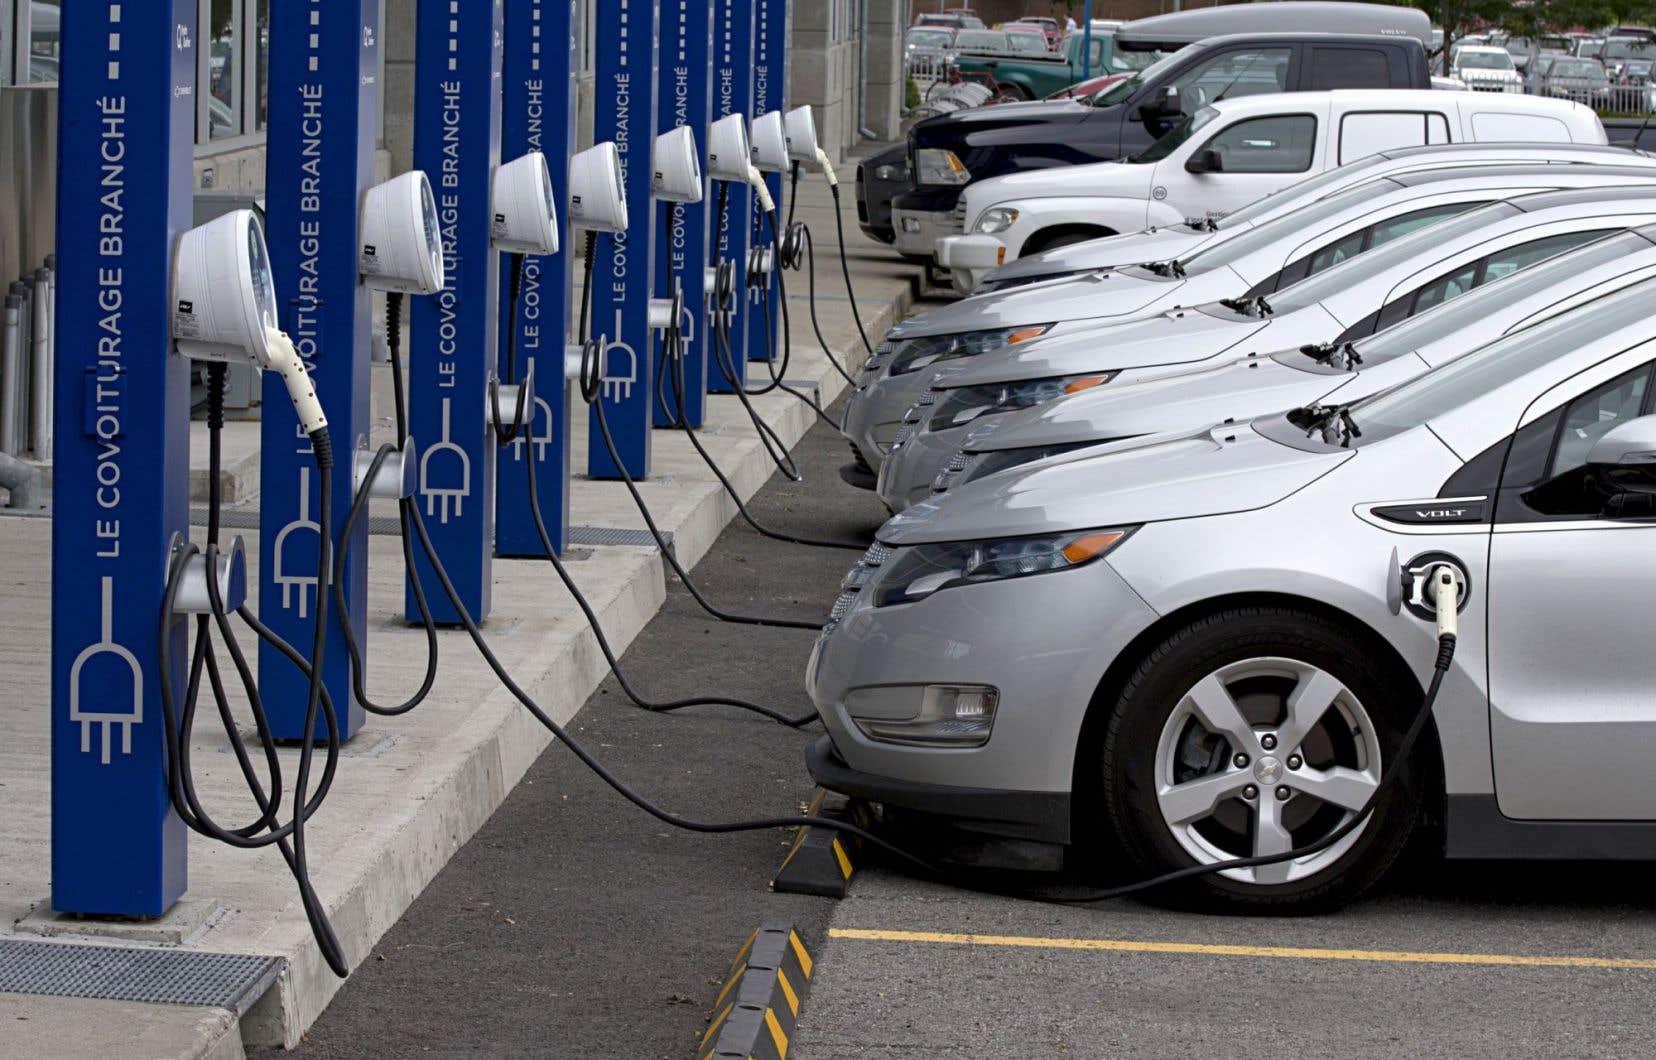 Le gouvernement Couillard souhaite voir sur les routes du Québec 100 000 véhicules électriques ou hybrides rechargeables d'ici 2020. Il y en a présentement 7300.